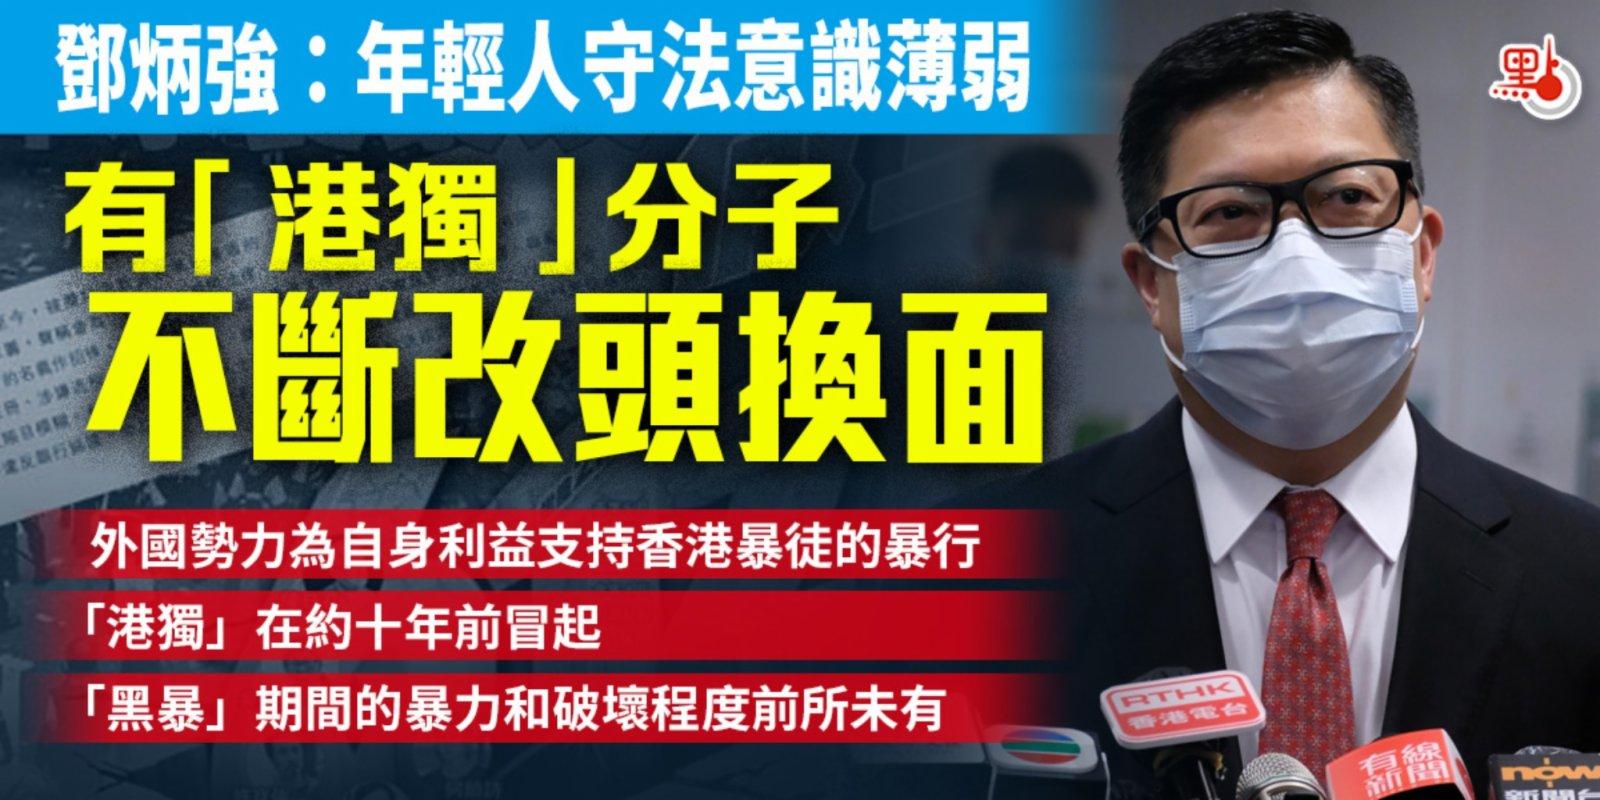 (有片)鄧炳強:年輕人守法意識薄弱 有「港獨」分子不斷改頭換面